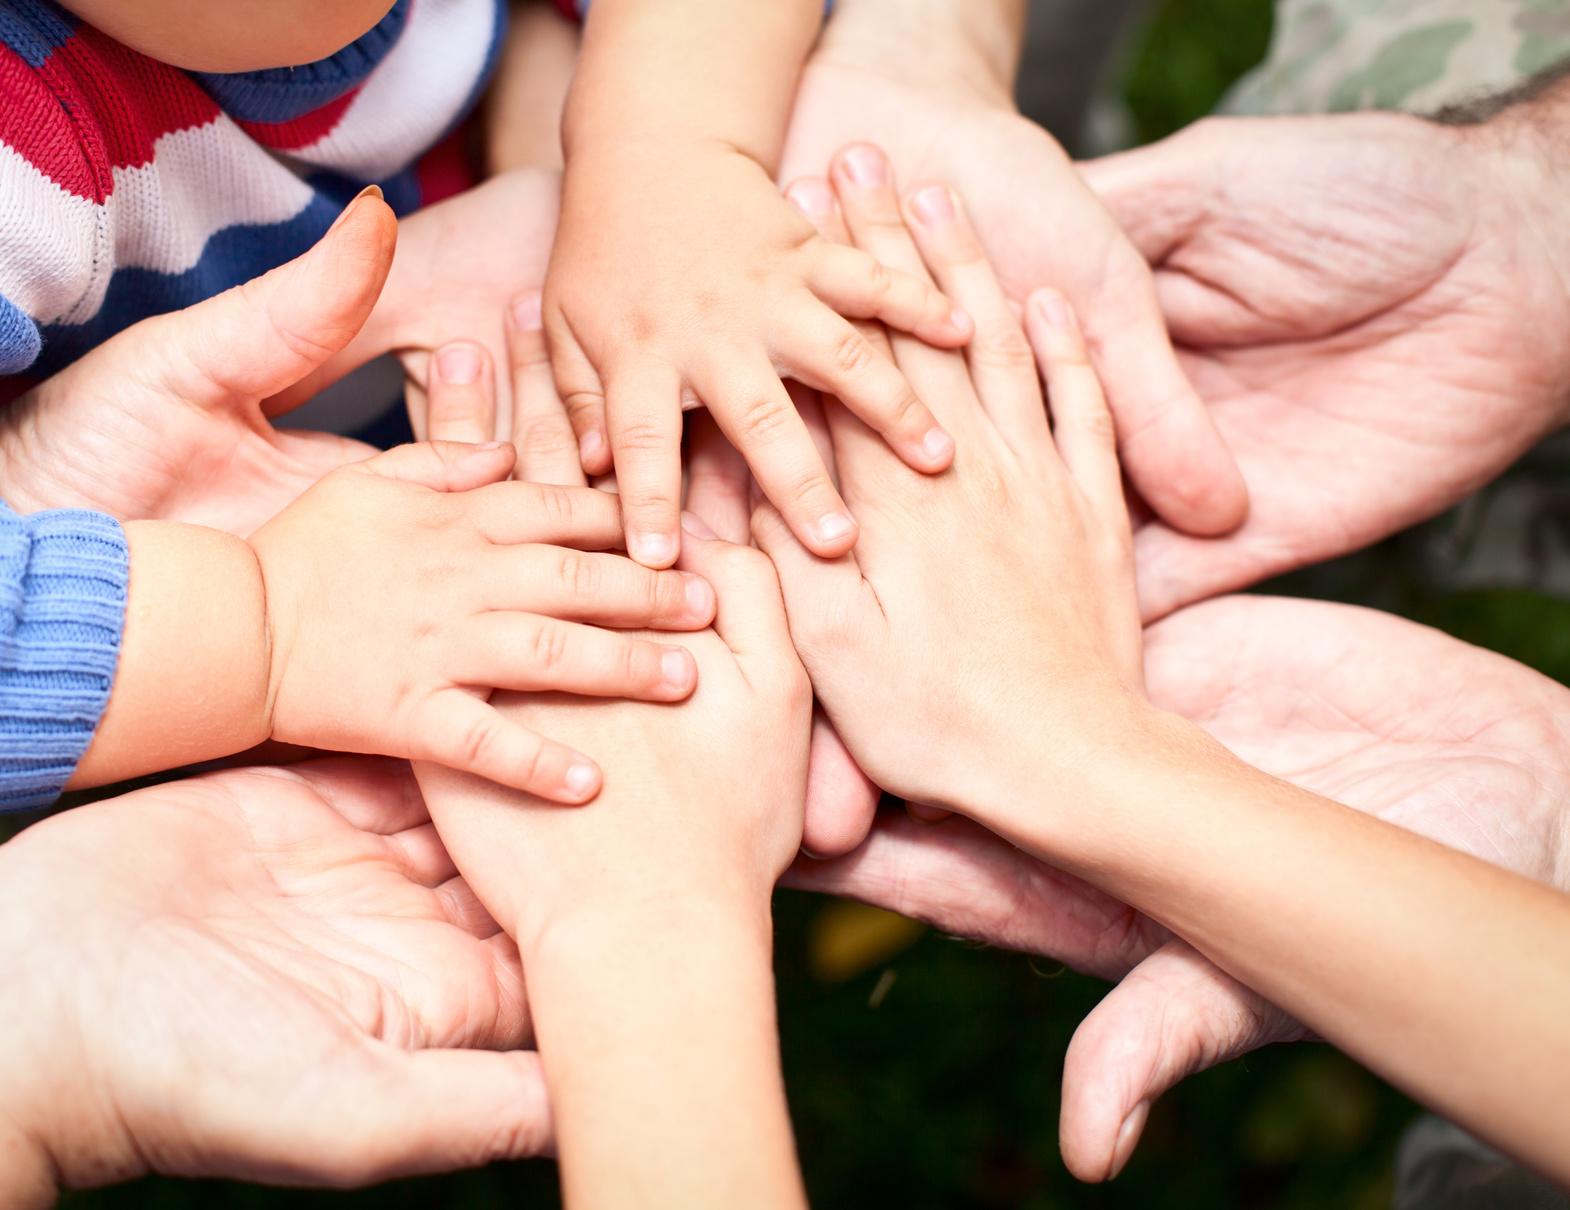 Auf dem Bild sind Hände von Kindern und Erwachsenen zu sehen